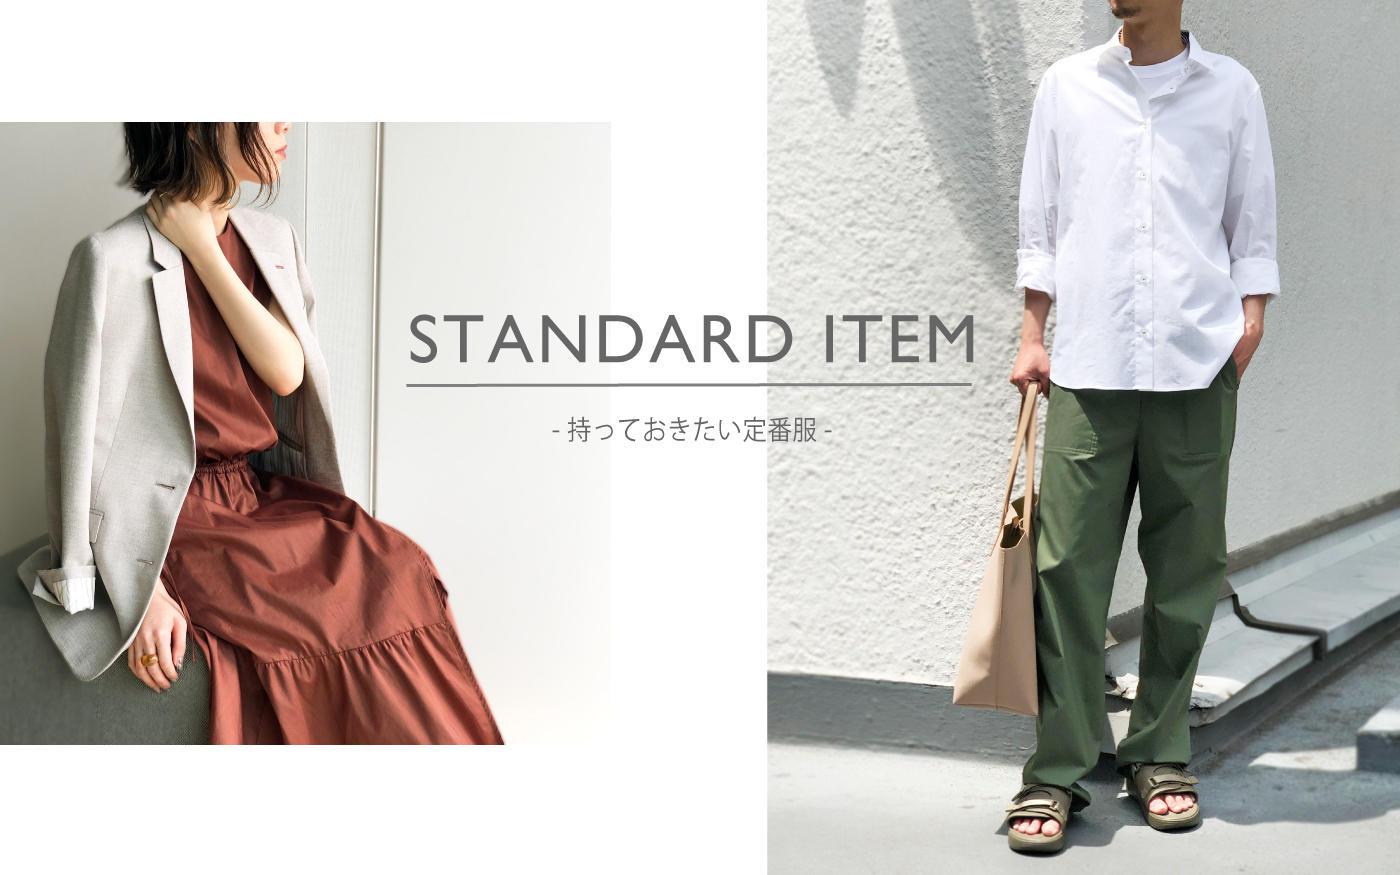 Standard Item - 持っておきたい定番服-